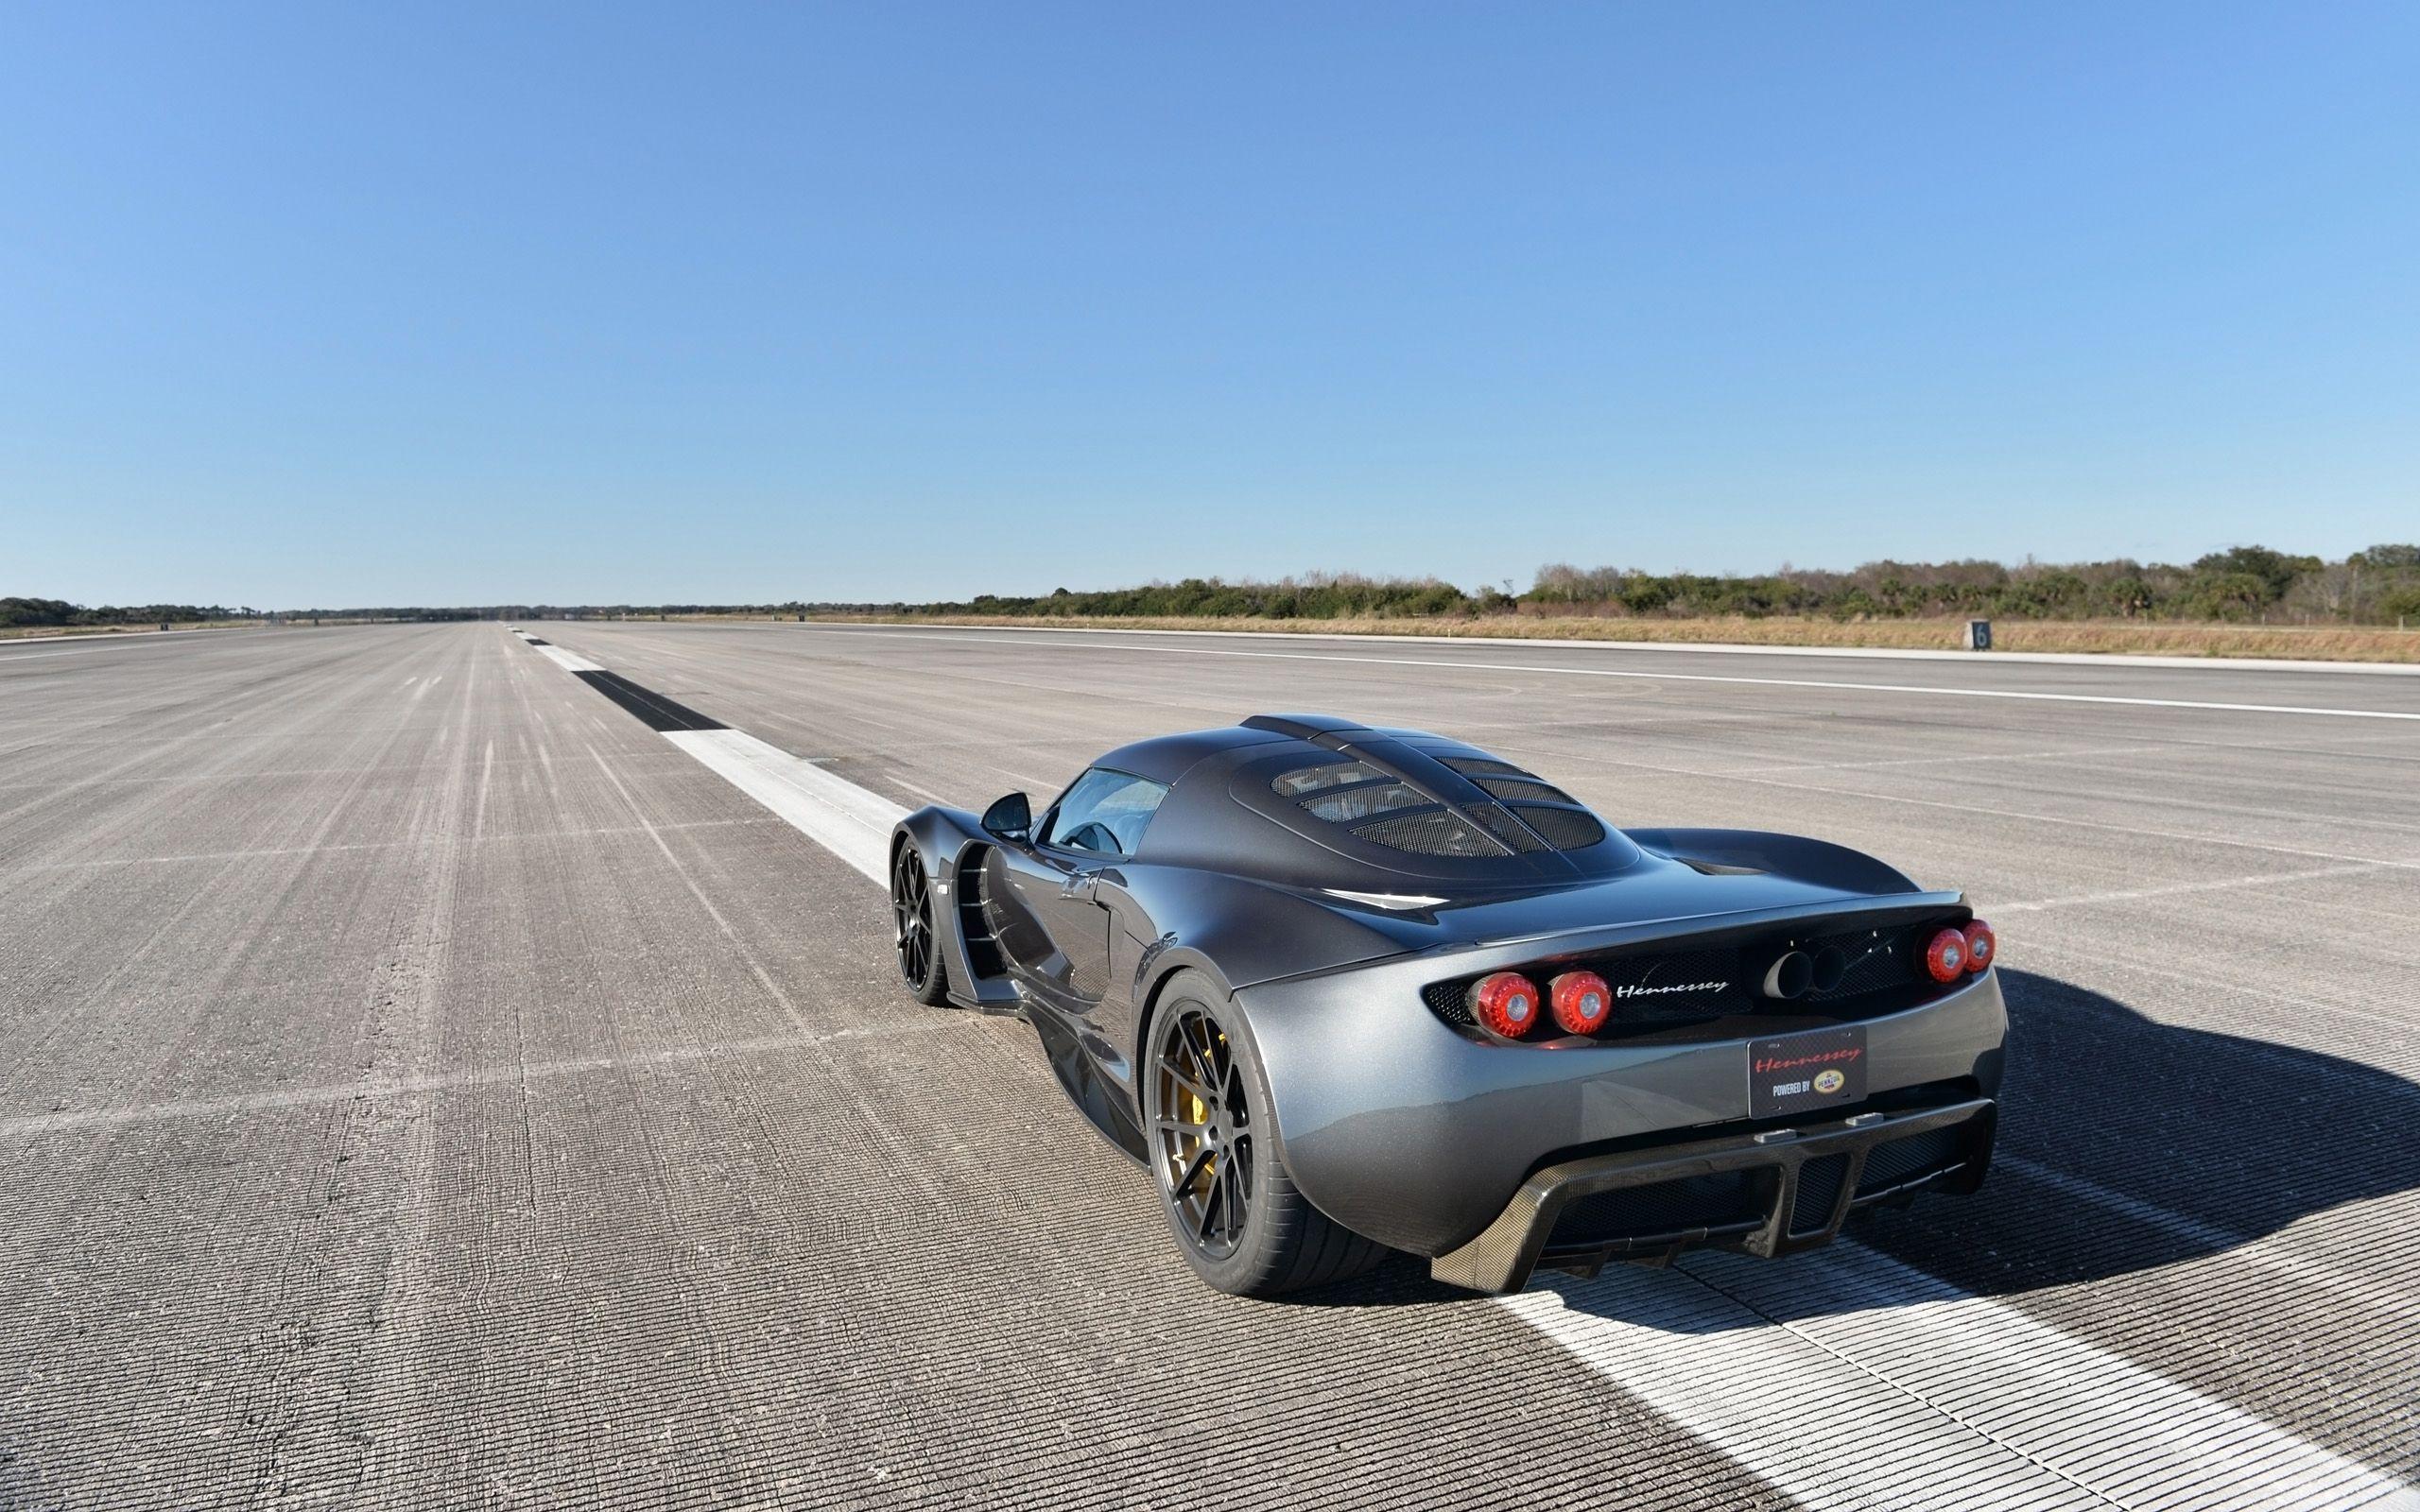 2014 Hennessey Venom Gt World Speed Record Hennessey Venom Gt Hennessey Fast Cars 2014 venom gt world speed record by